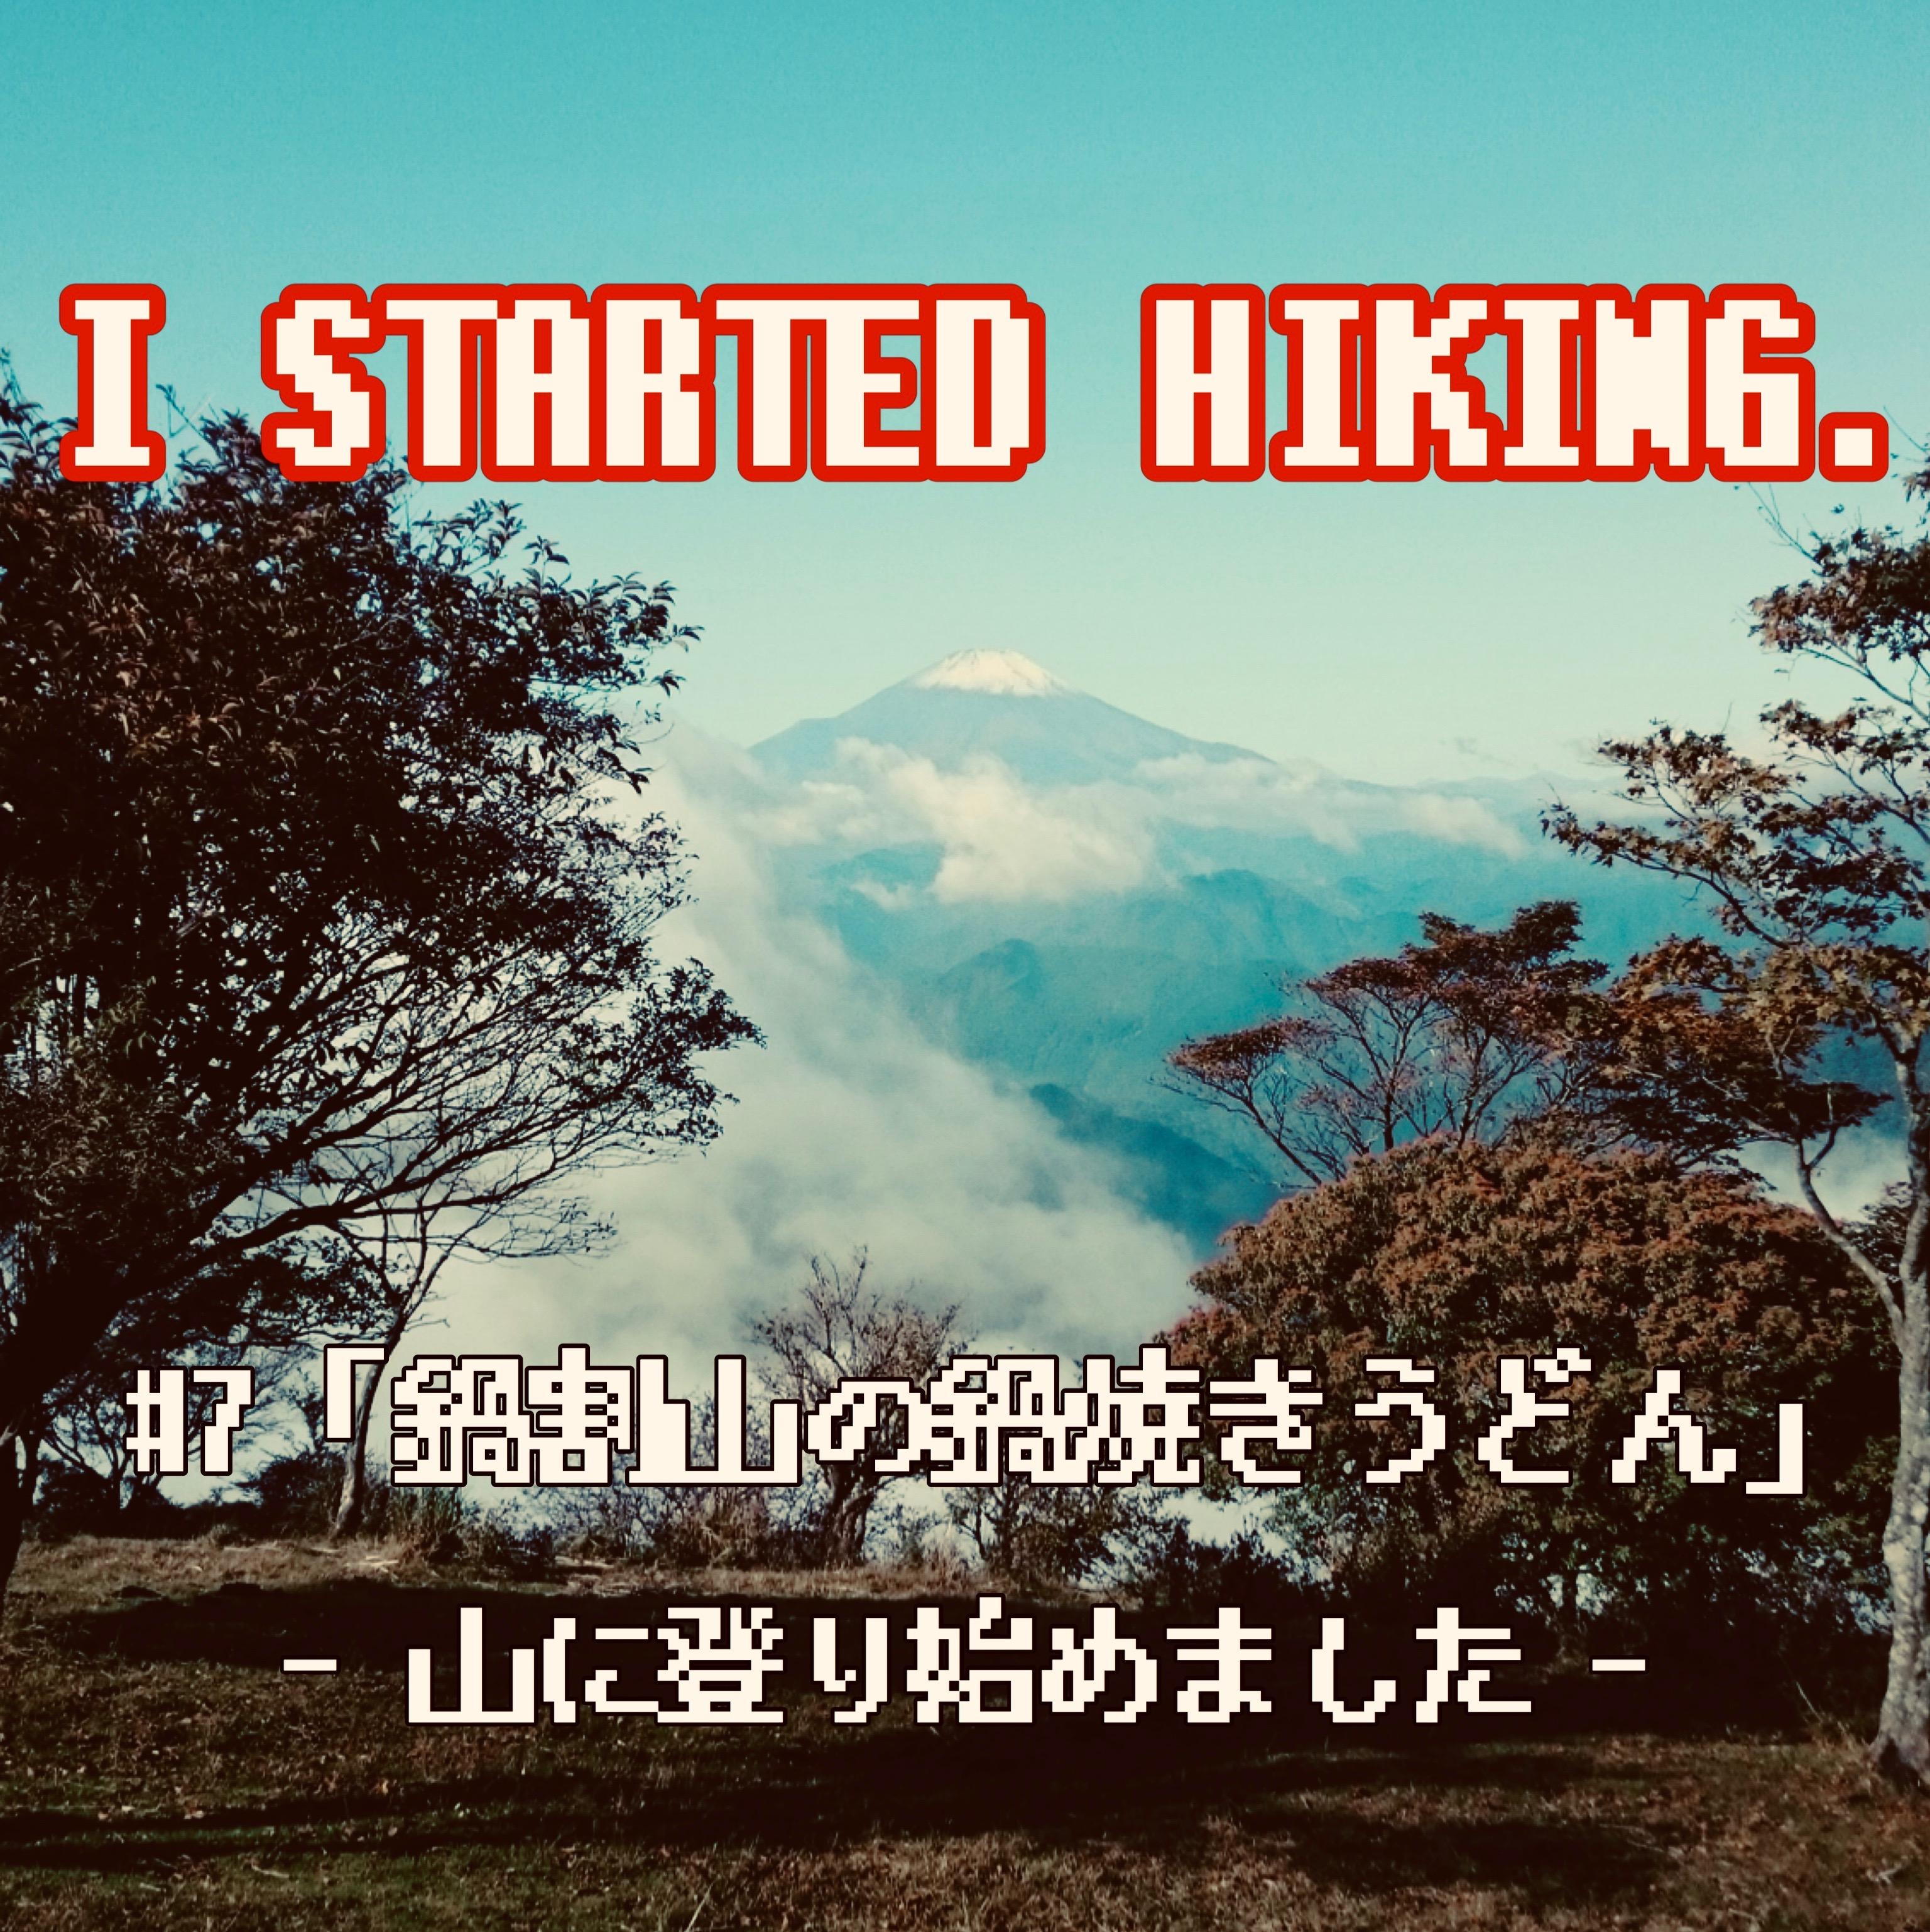 「山に登り始めました。 」#7 鍋割山の鍋焼きうどん